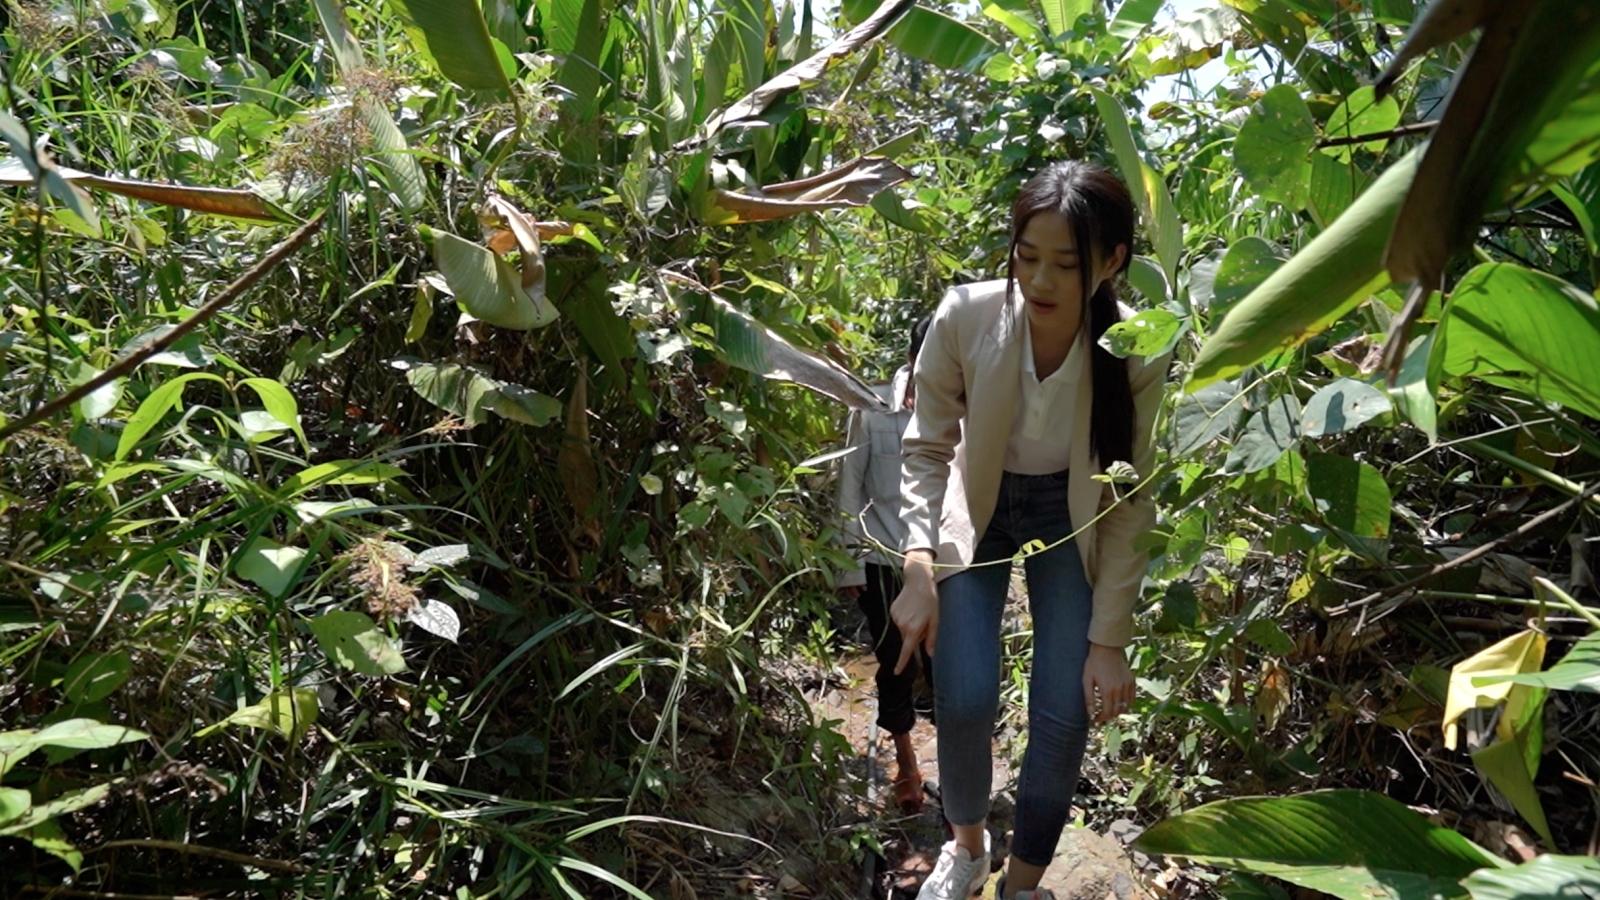 Hoa hậu Đỗ Hà trèo đèo lội suối bị vắt cắn khi làm dự án nhân ái